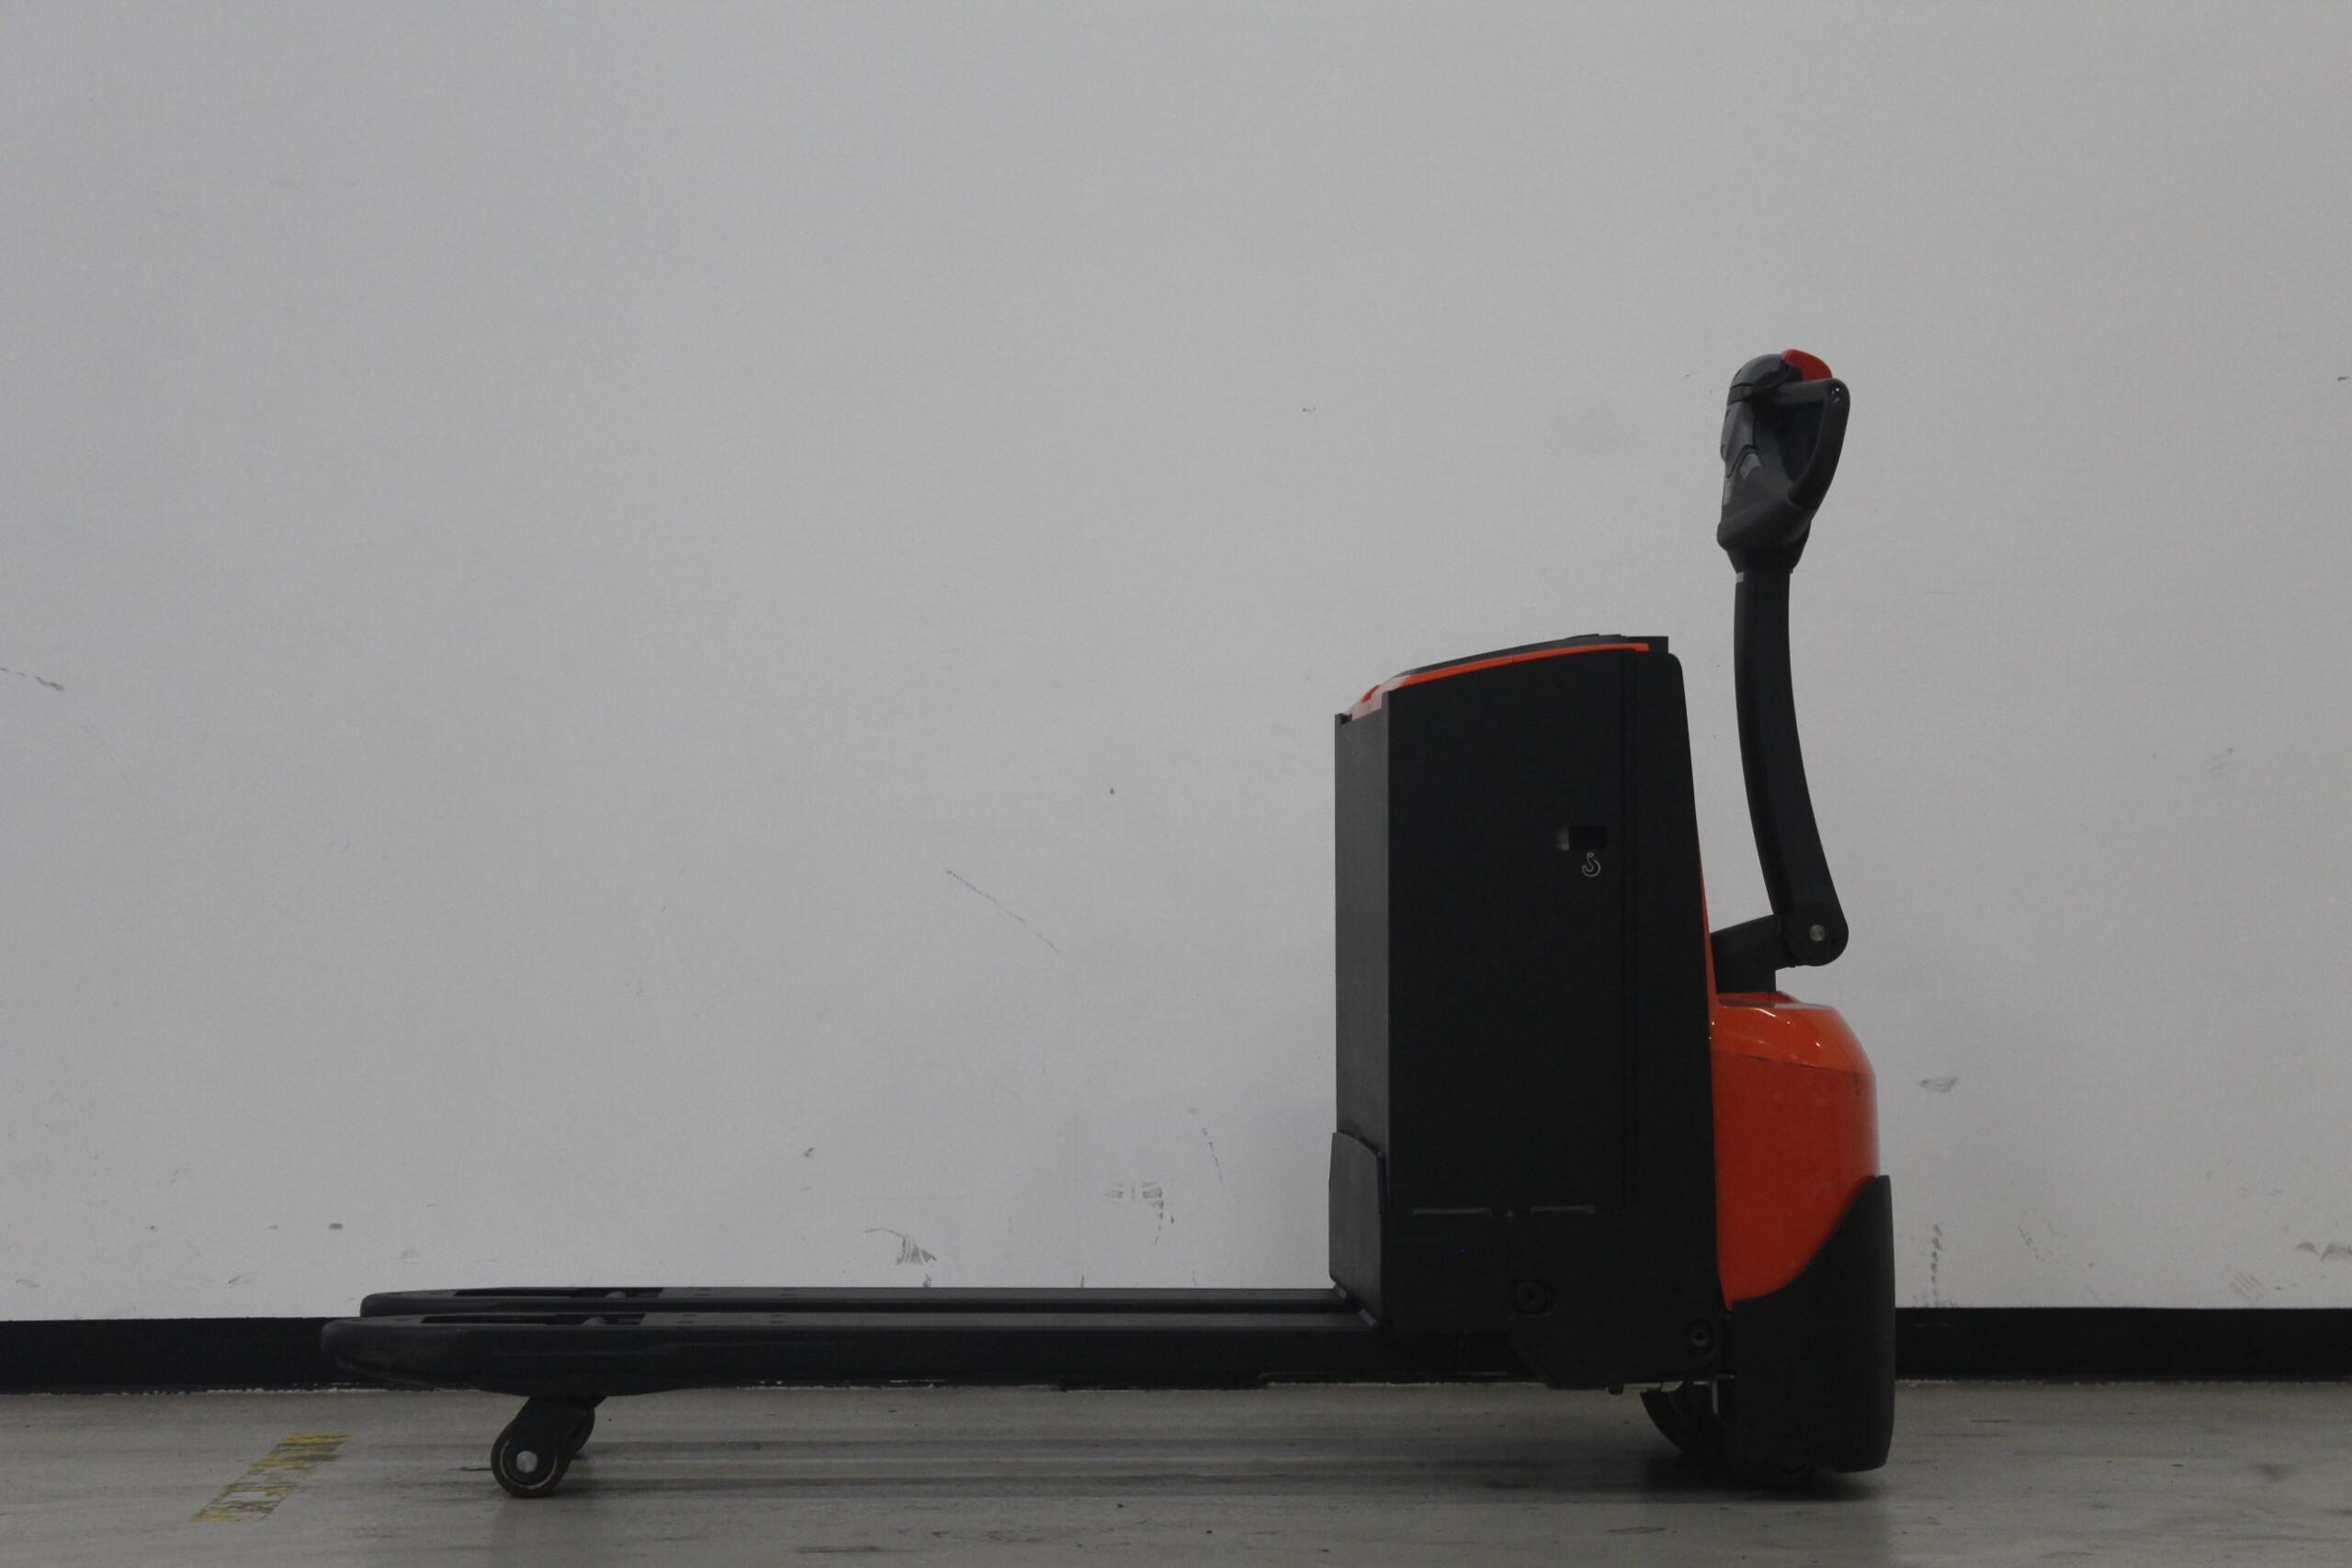 Toyota-Gabelstapler-59840 1610006827 1 33 scaled